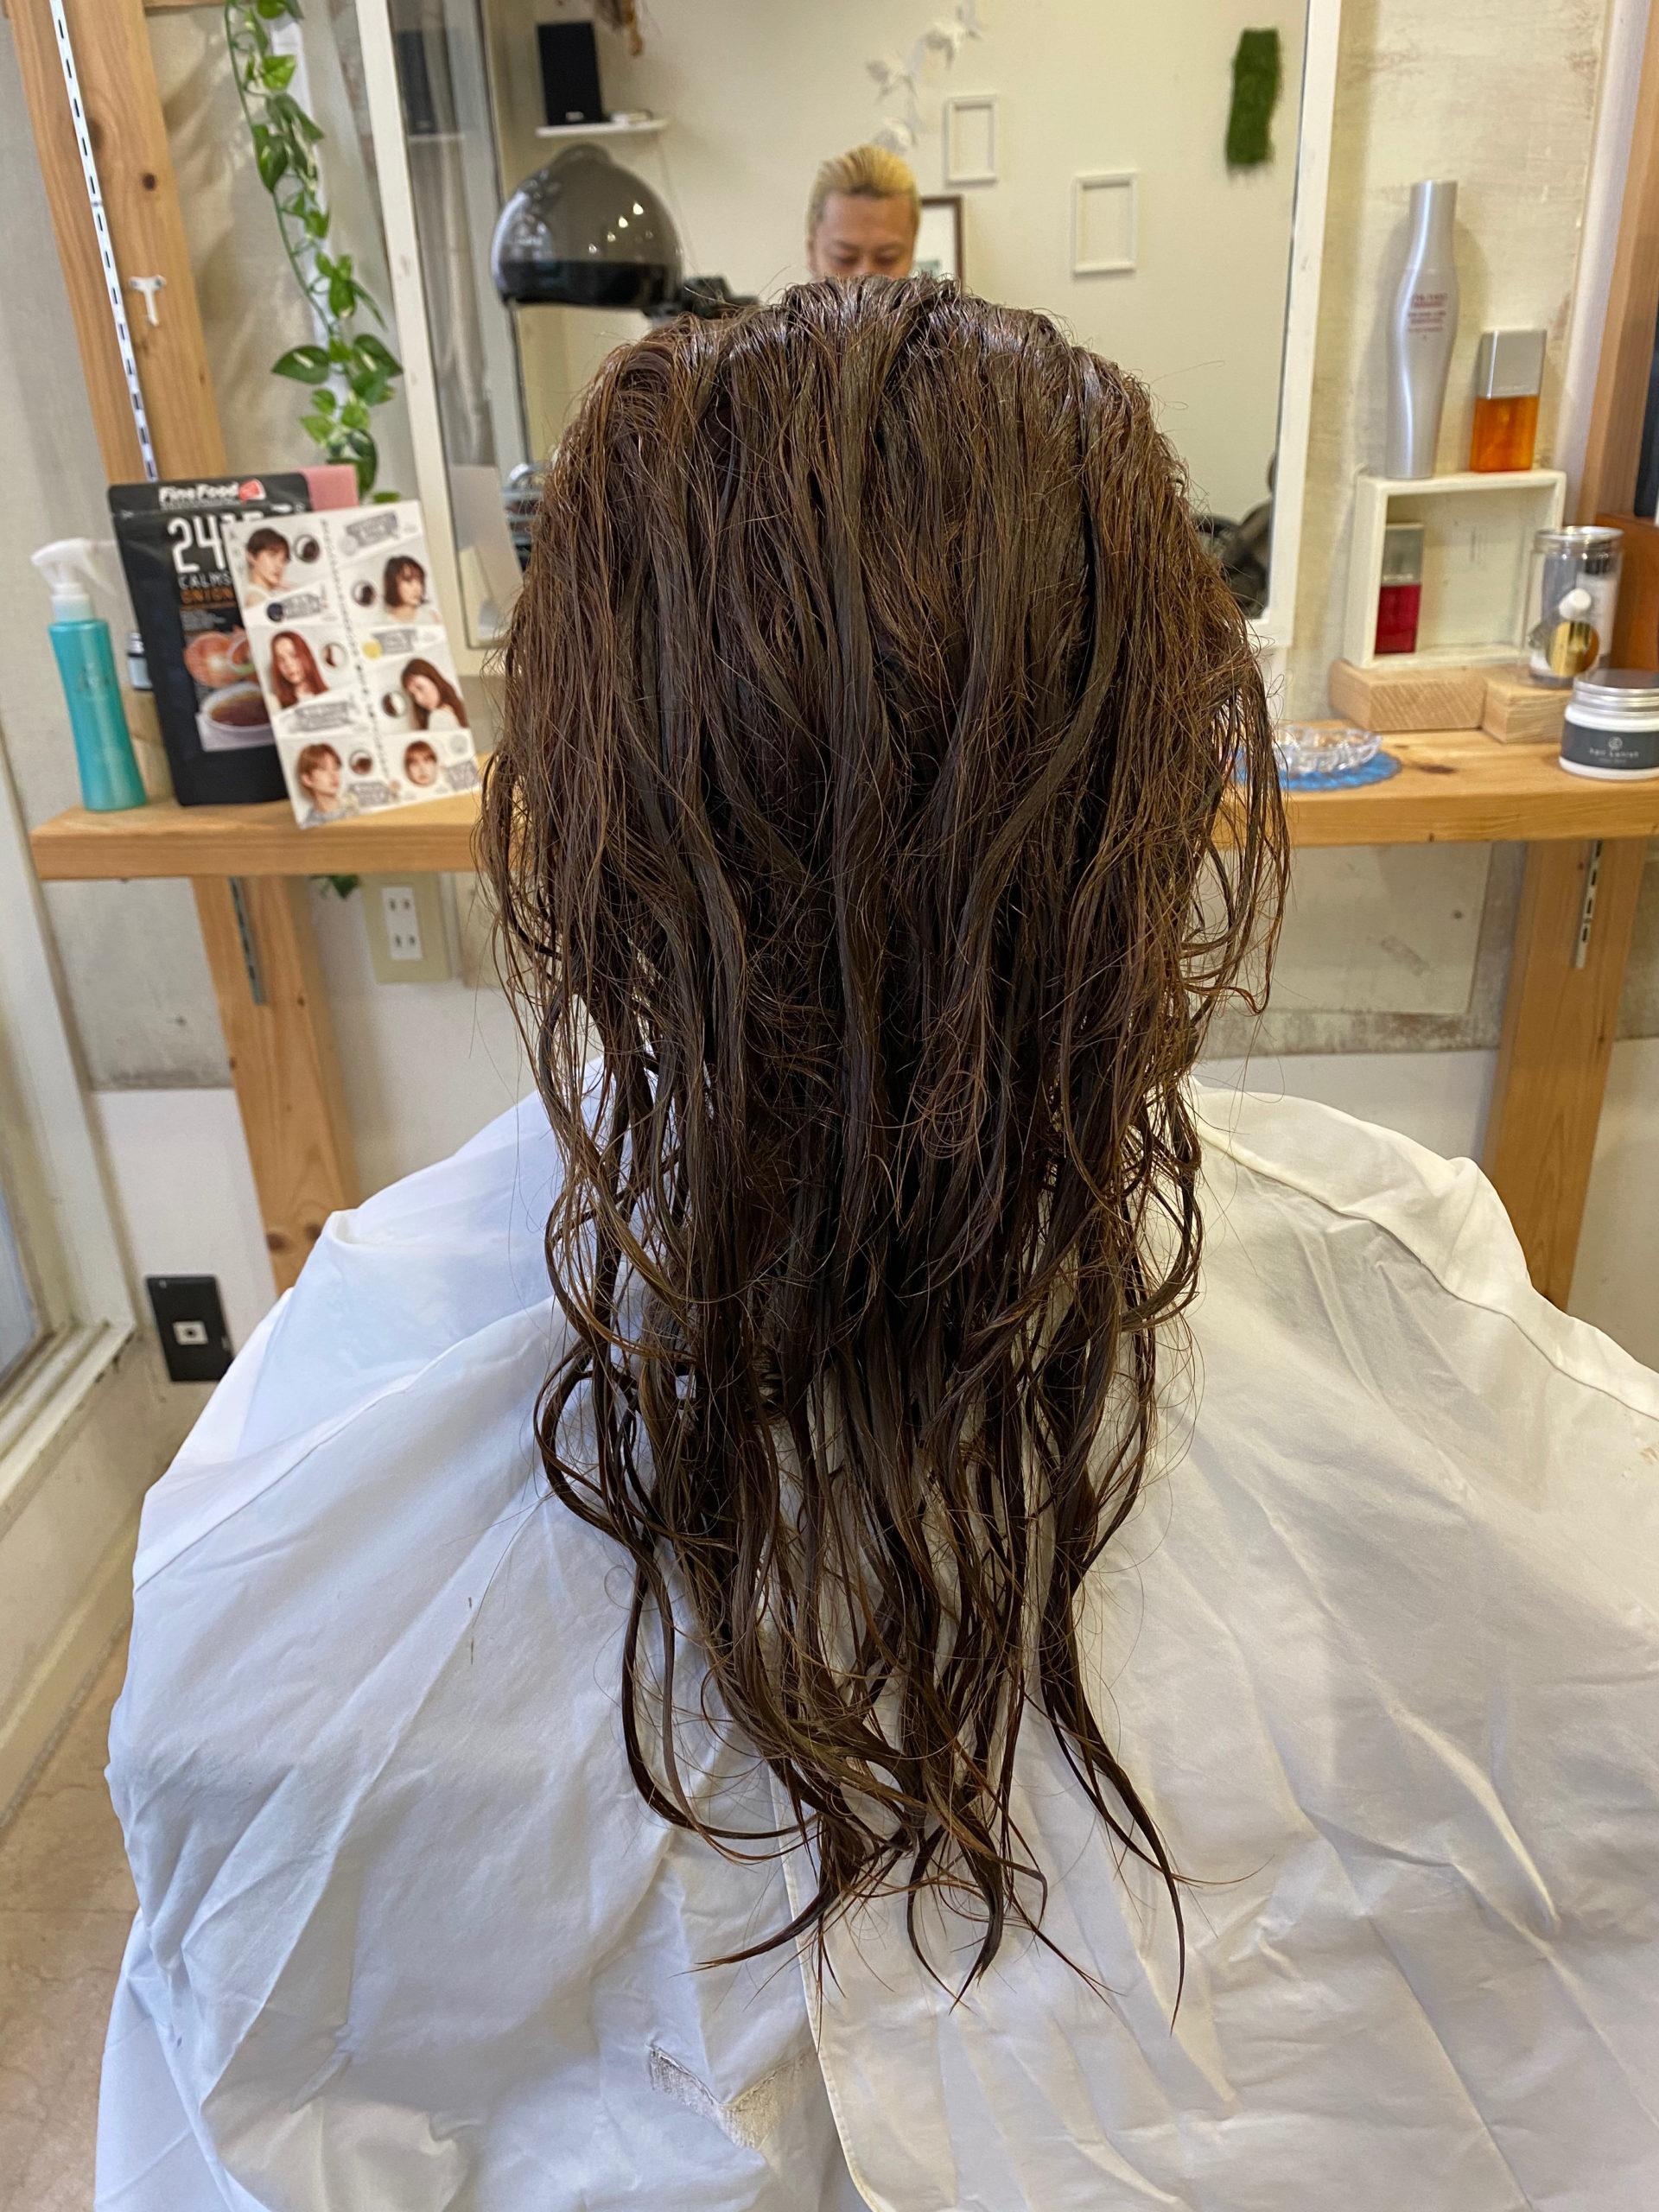 ブリーチをしている髪に縮毛矯正で艶髪。原宿・表参道『髪のお悩みを解決するヘアケア美容師の挑戦』